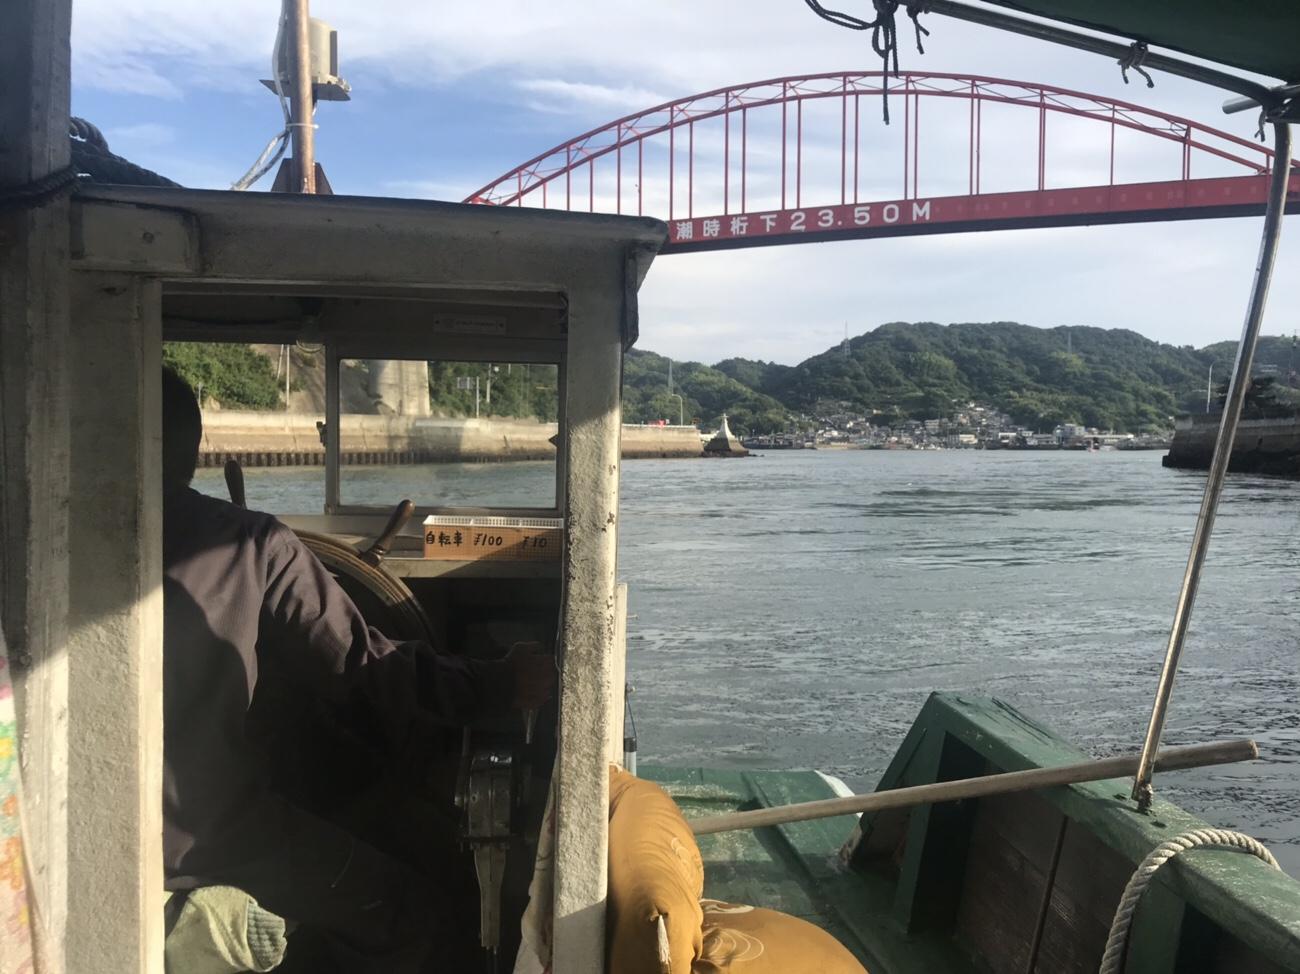 呉観光おすすめ音戸渡船 乗船レポートブログ記事です。